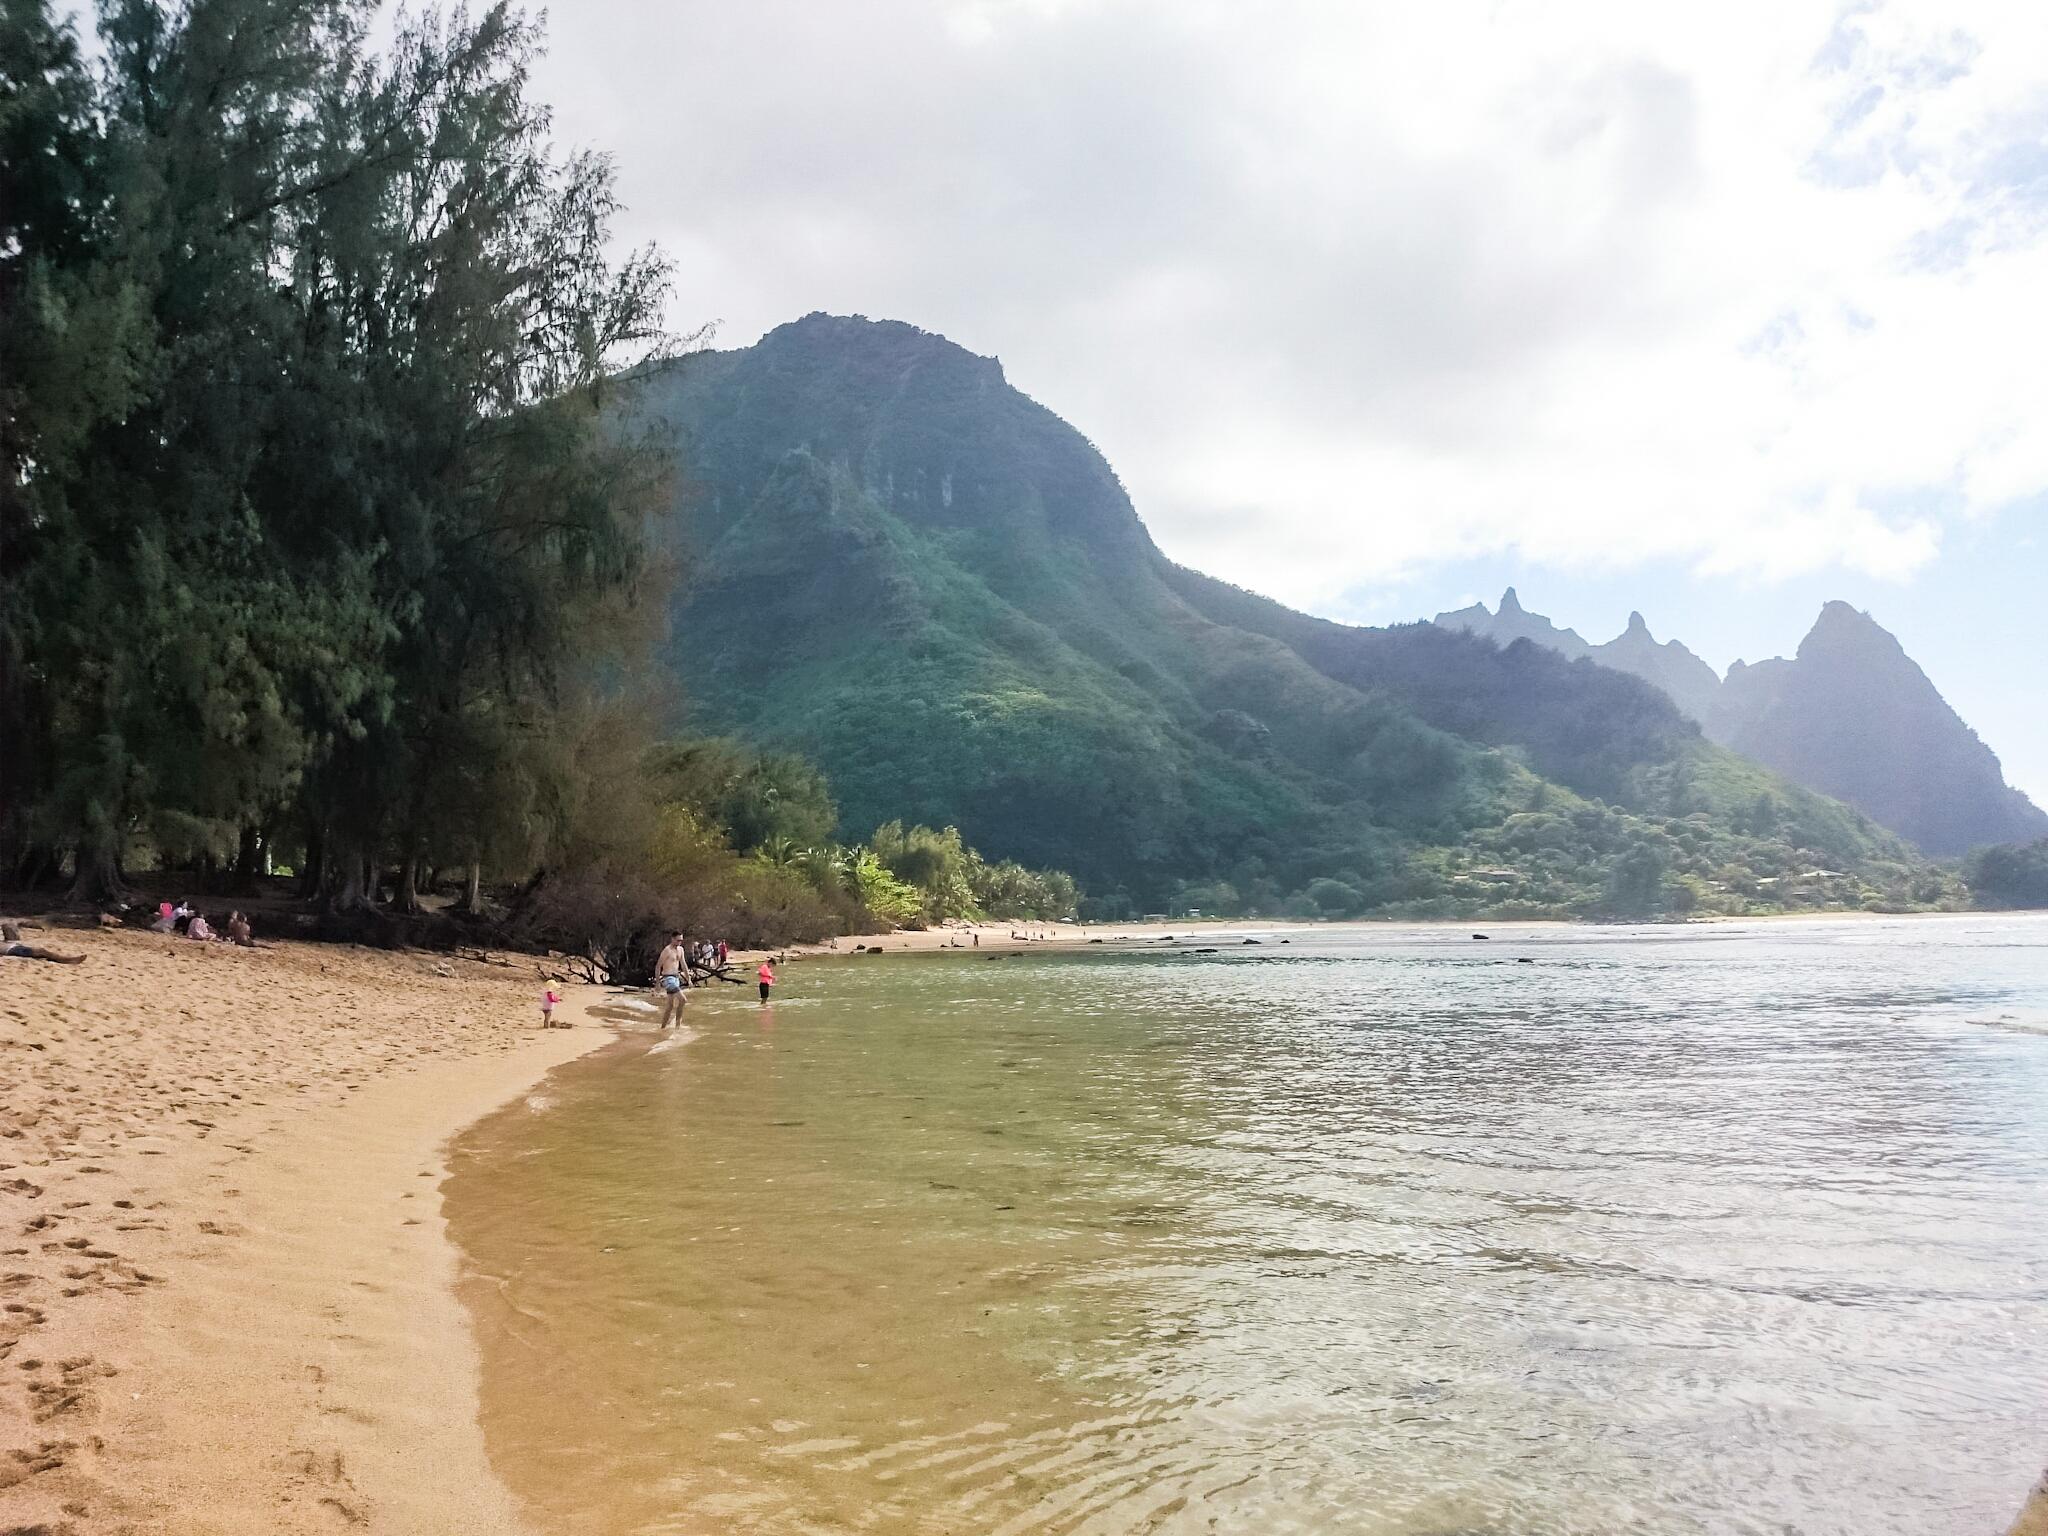 Plage Tunnels à Kauai, Hawaï